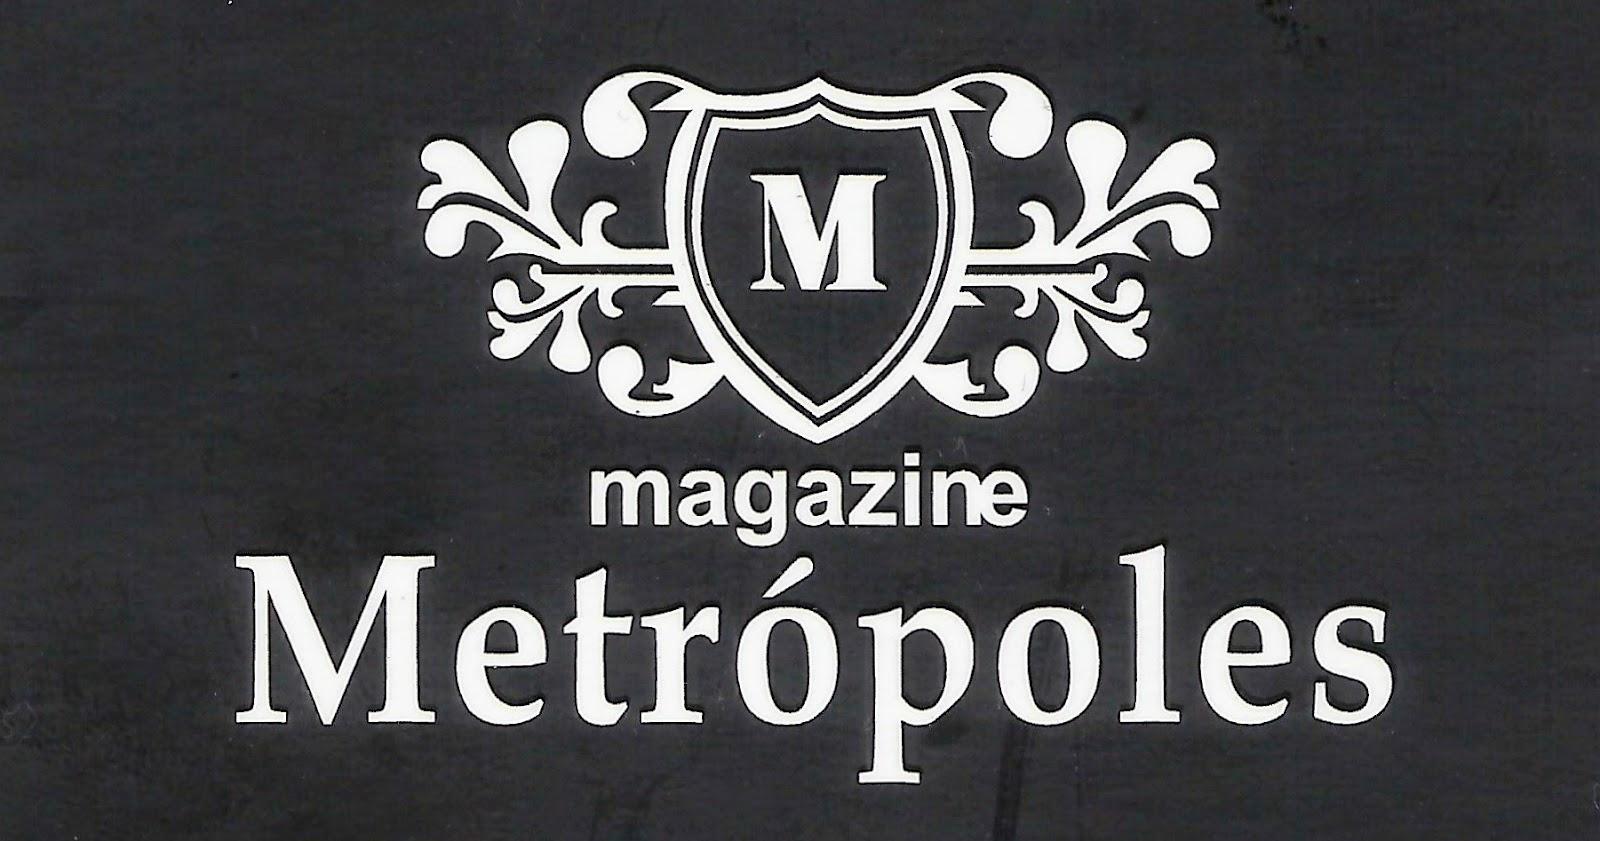 Magazine  Metrópoles Rua. Capitão Lisboa, 657 Centro - tatuí - SP e-mail: contato@magazinemetropoles.com.br Site: magazinemetropoles.com.br tel: (15) 3251-1997